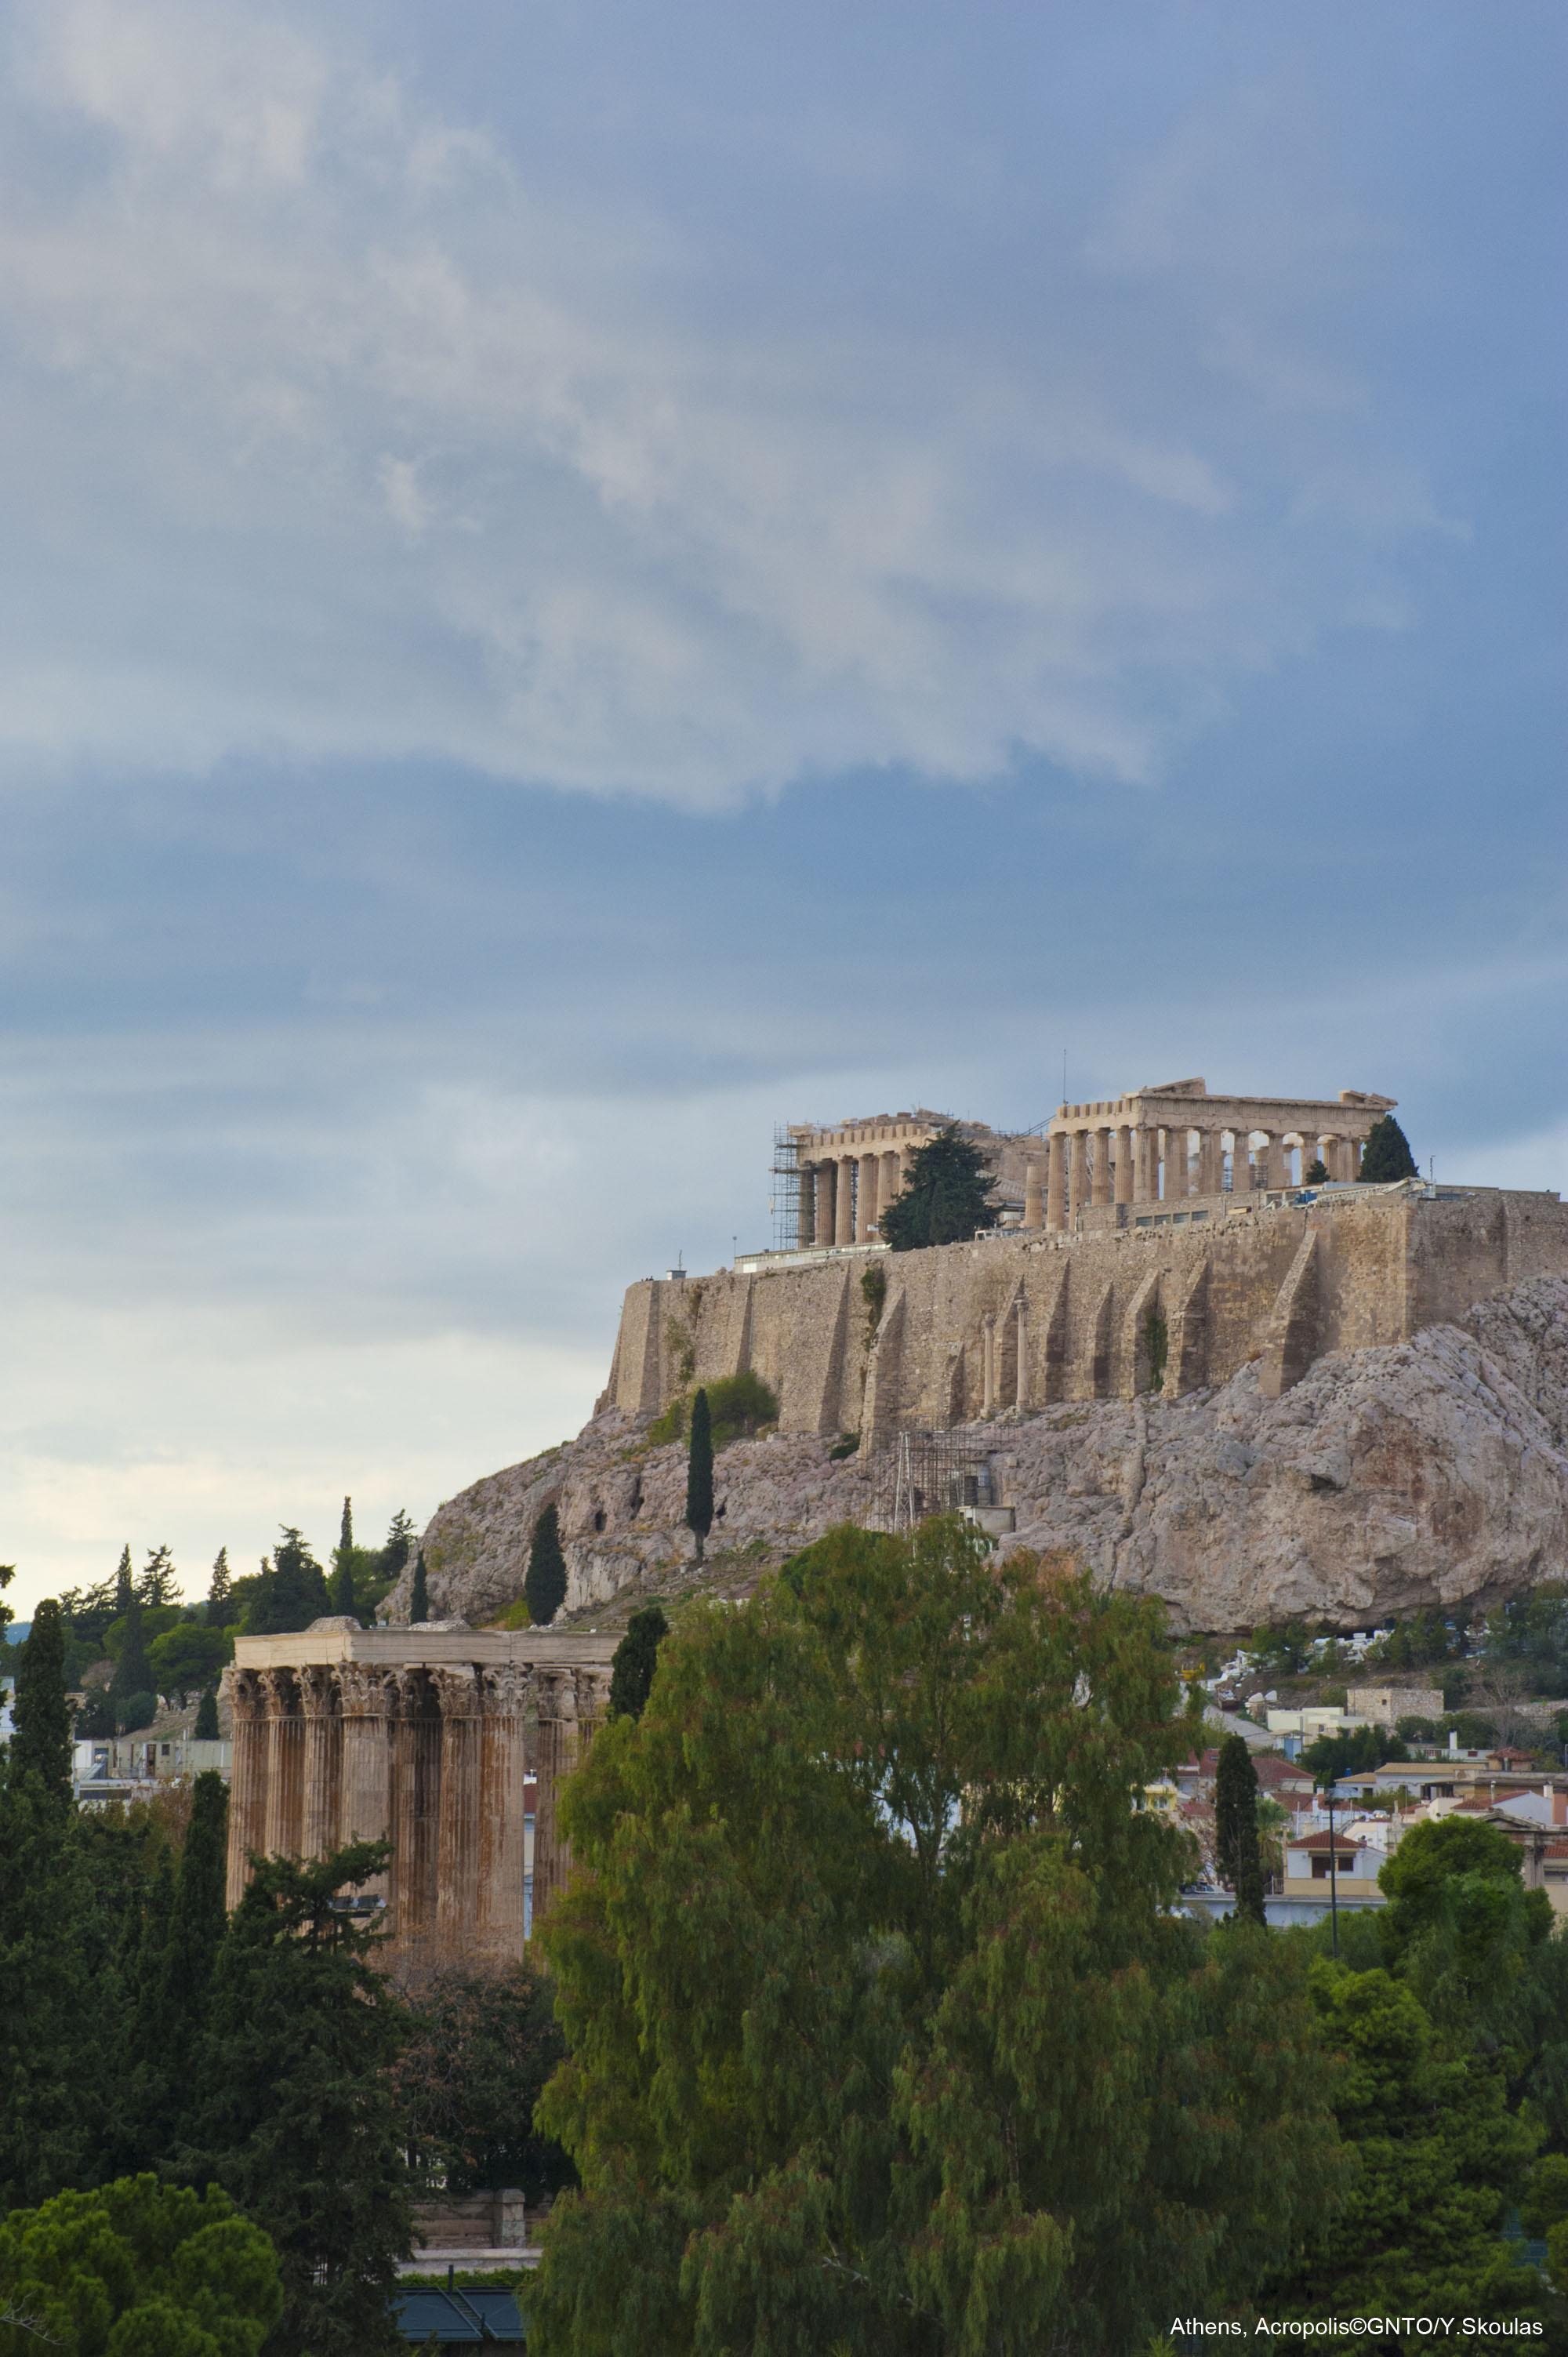 Athens_Acropolis_1332_photo_YSkoulas.jpg